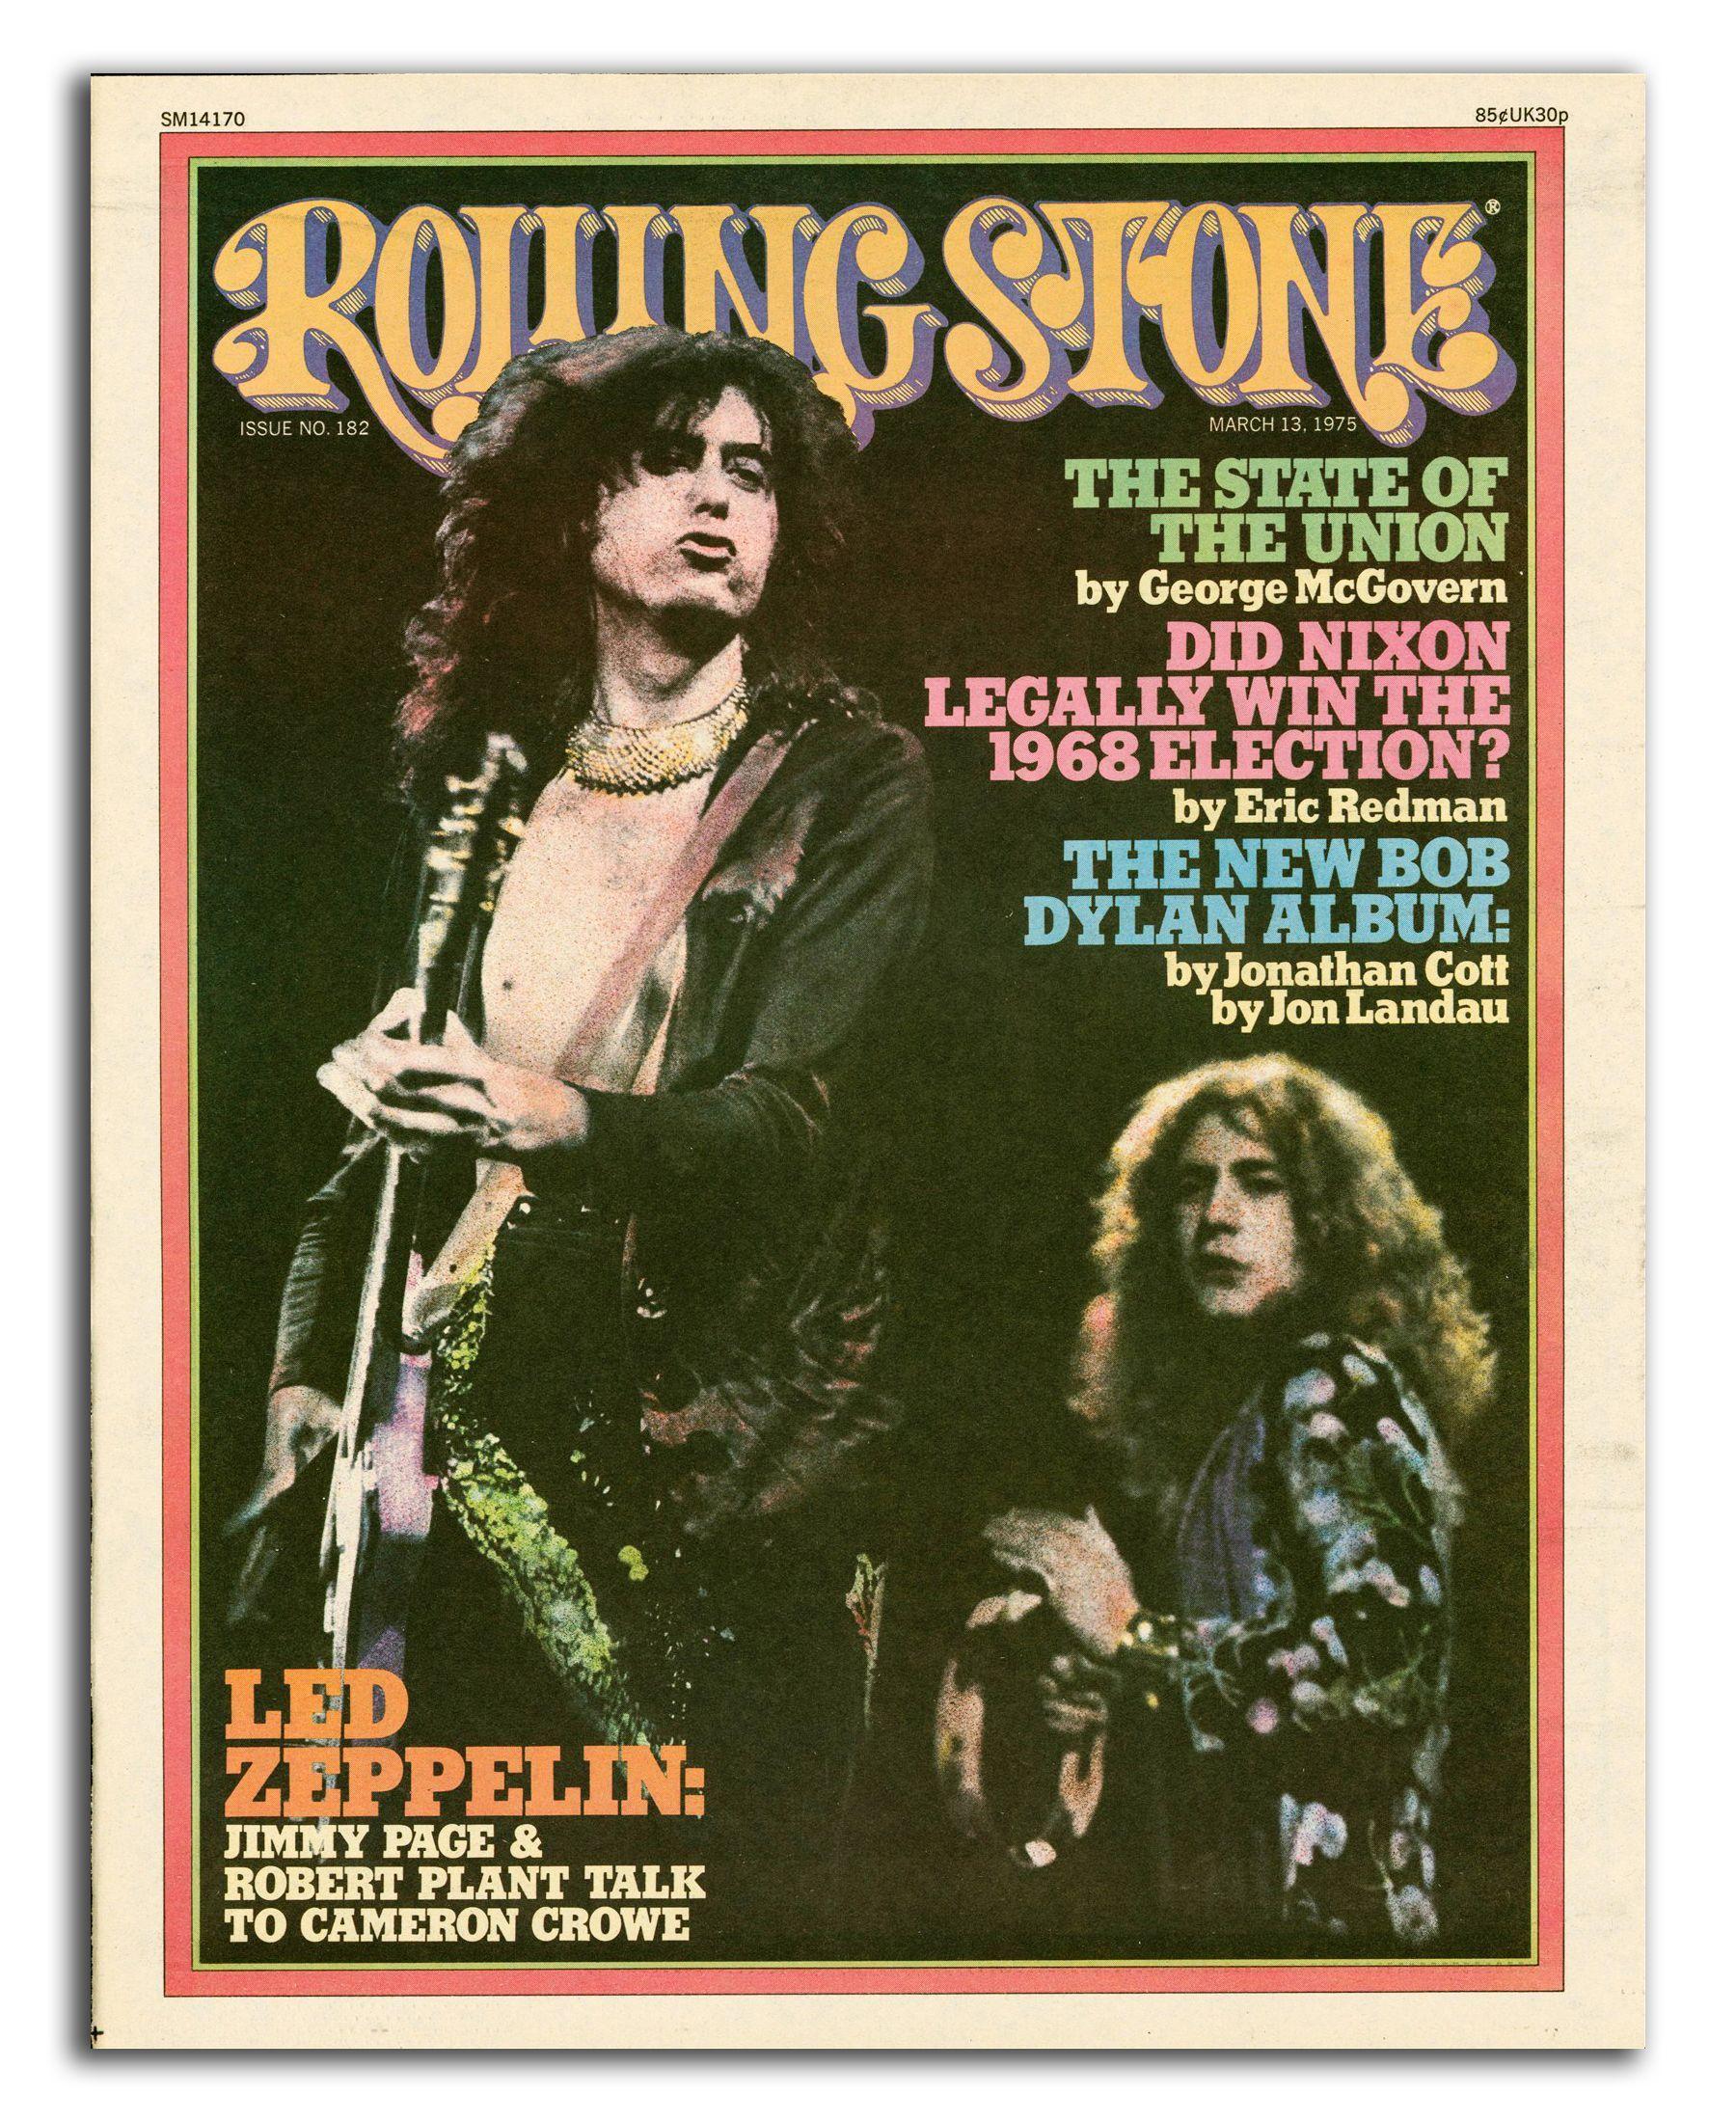 706a91e81c70 Led Zeppelin: Rolling Stone Album Reviews by John Mendelsohn – Rolling Stone